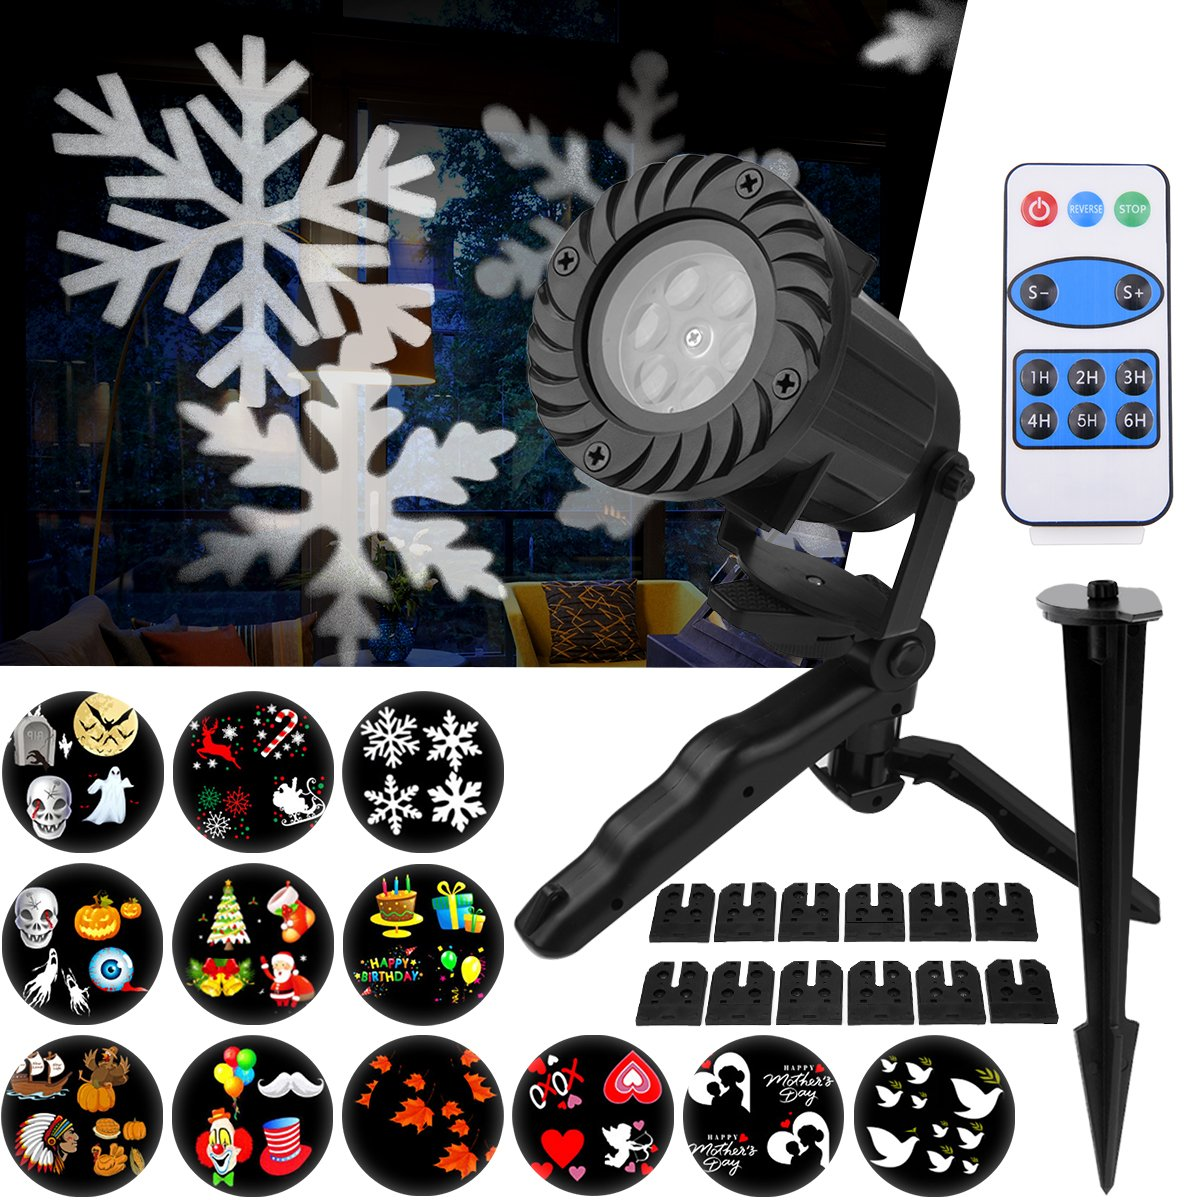 Luces de Proyector Navidad Interior y Exterior Fochea IP LED Luces Proyección